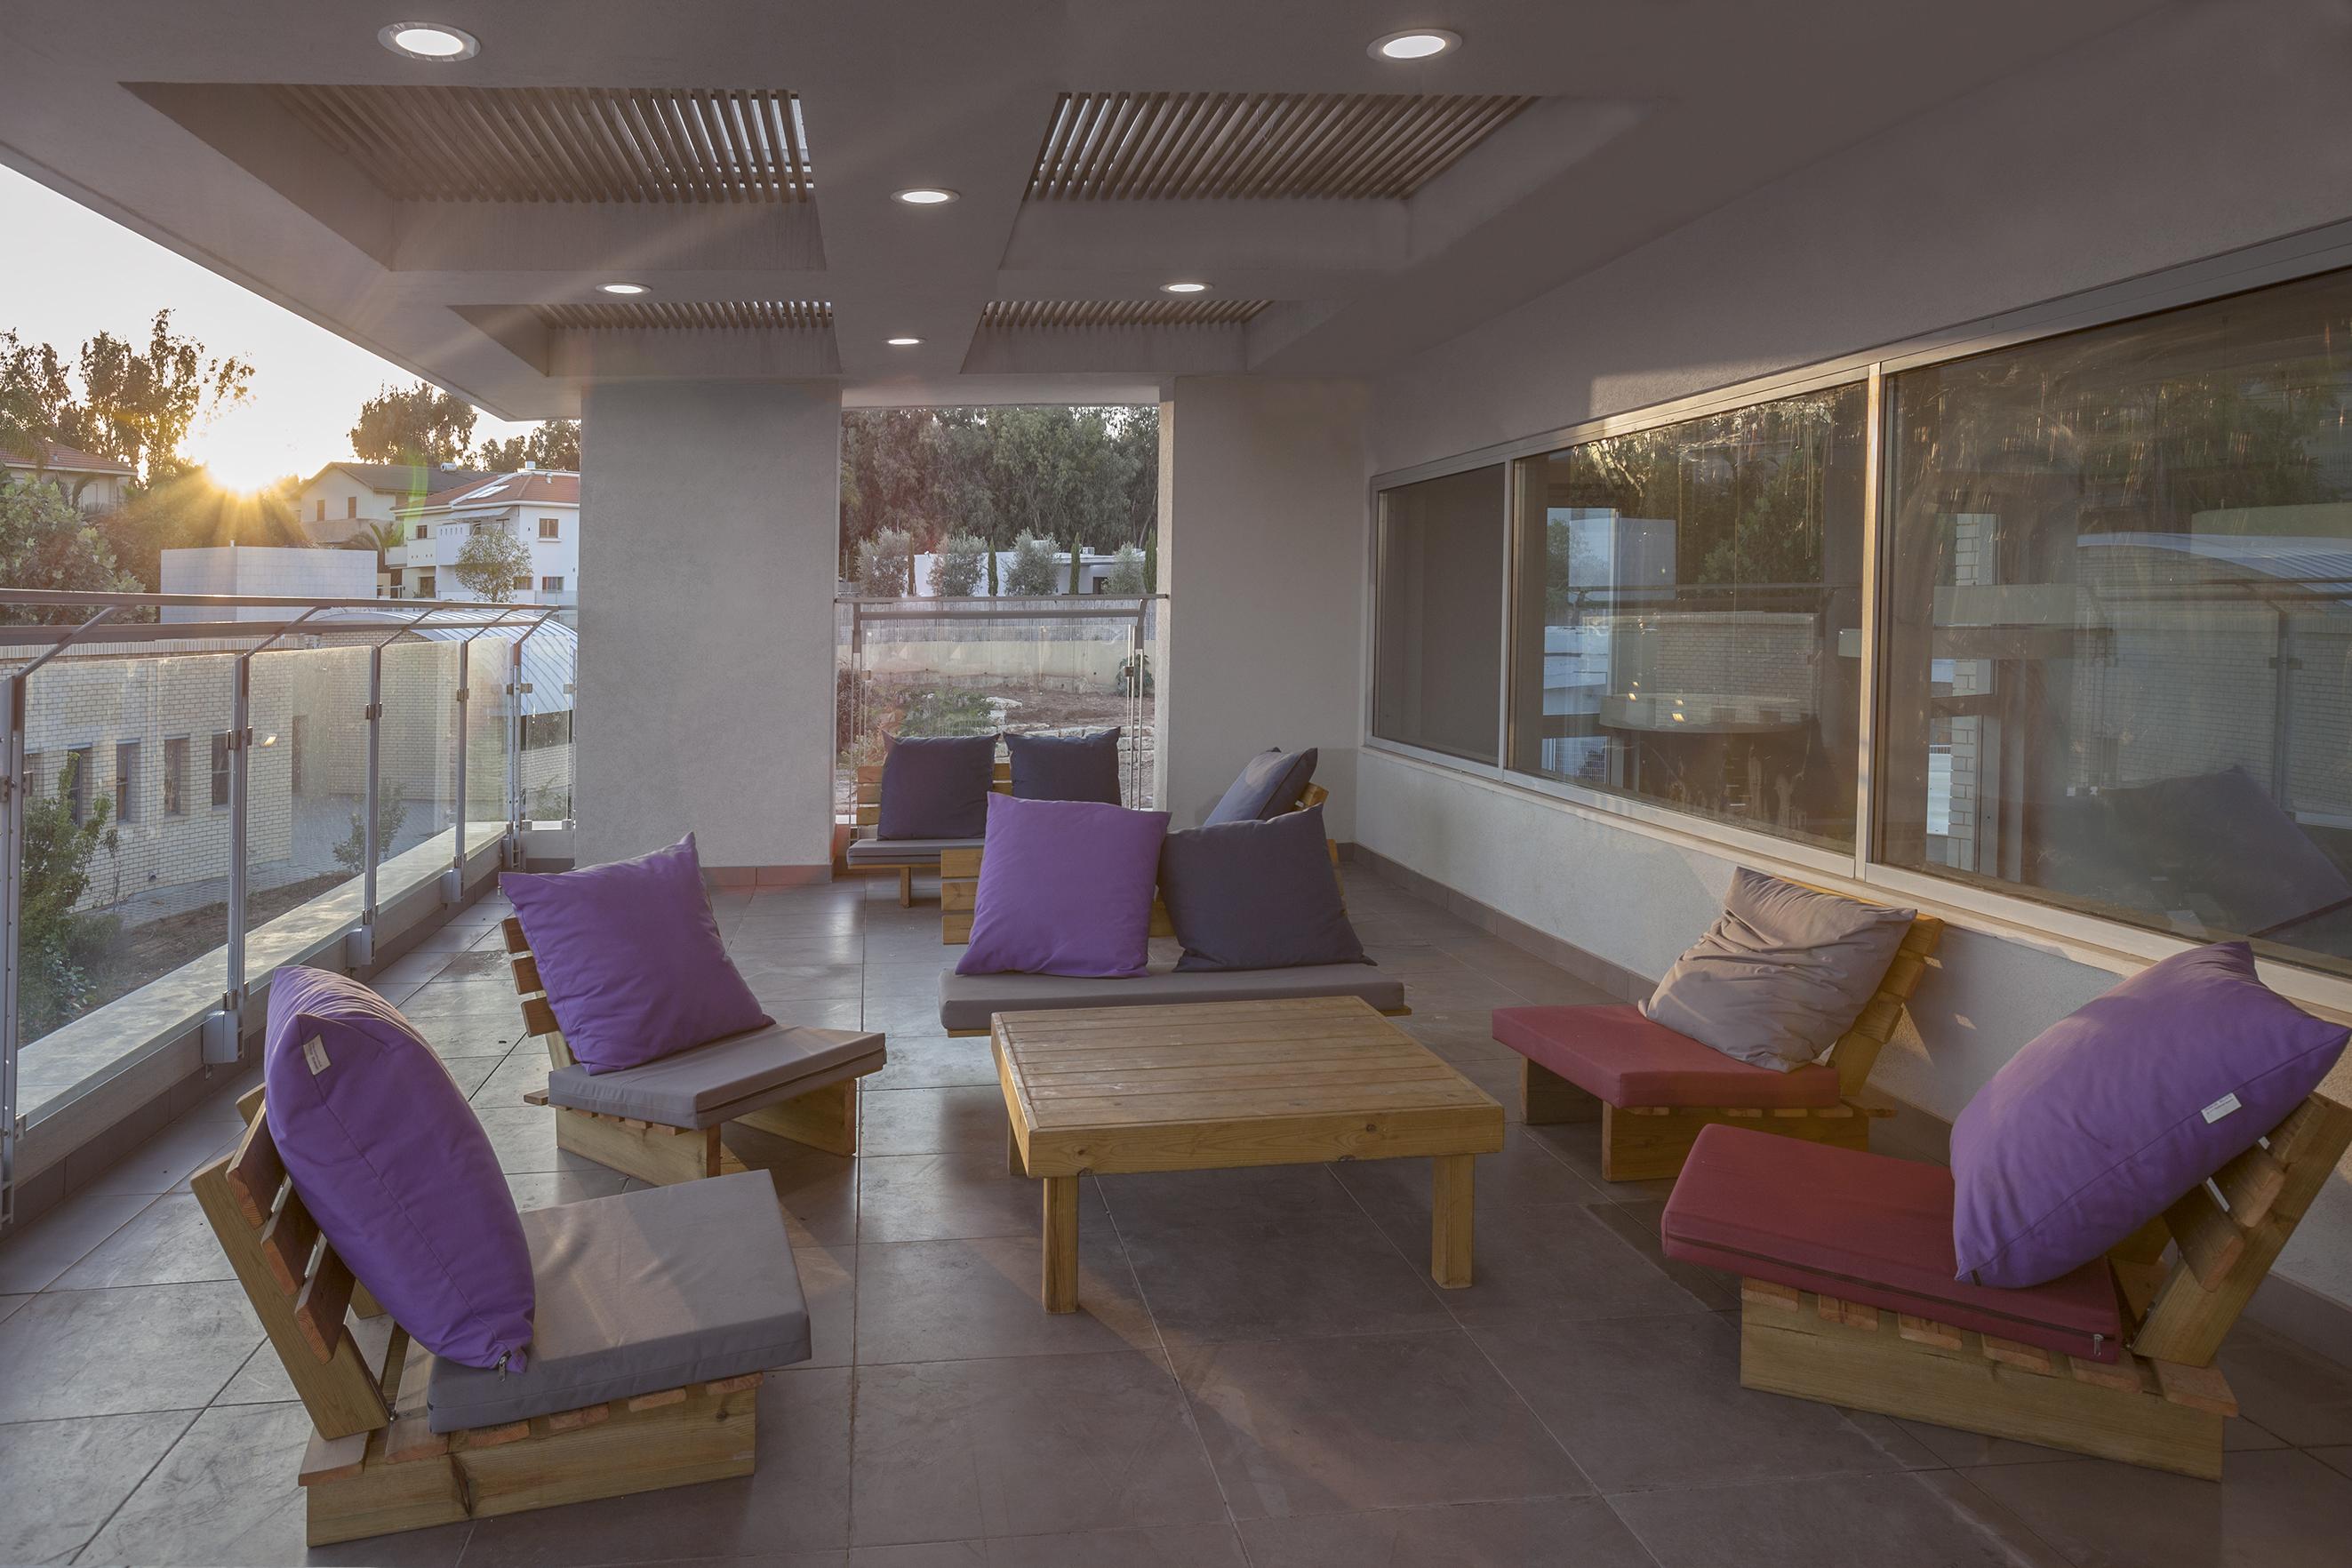 פינת ישיבה מחוץ לקופיקס